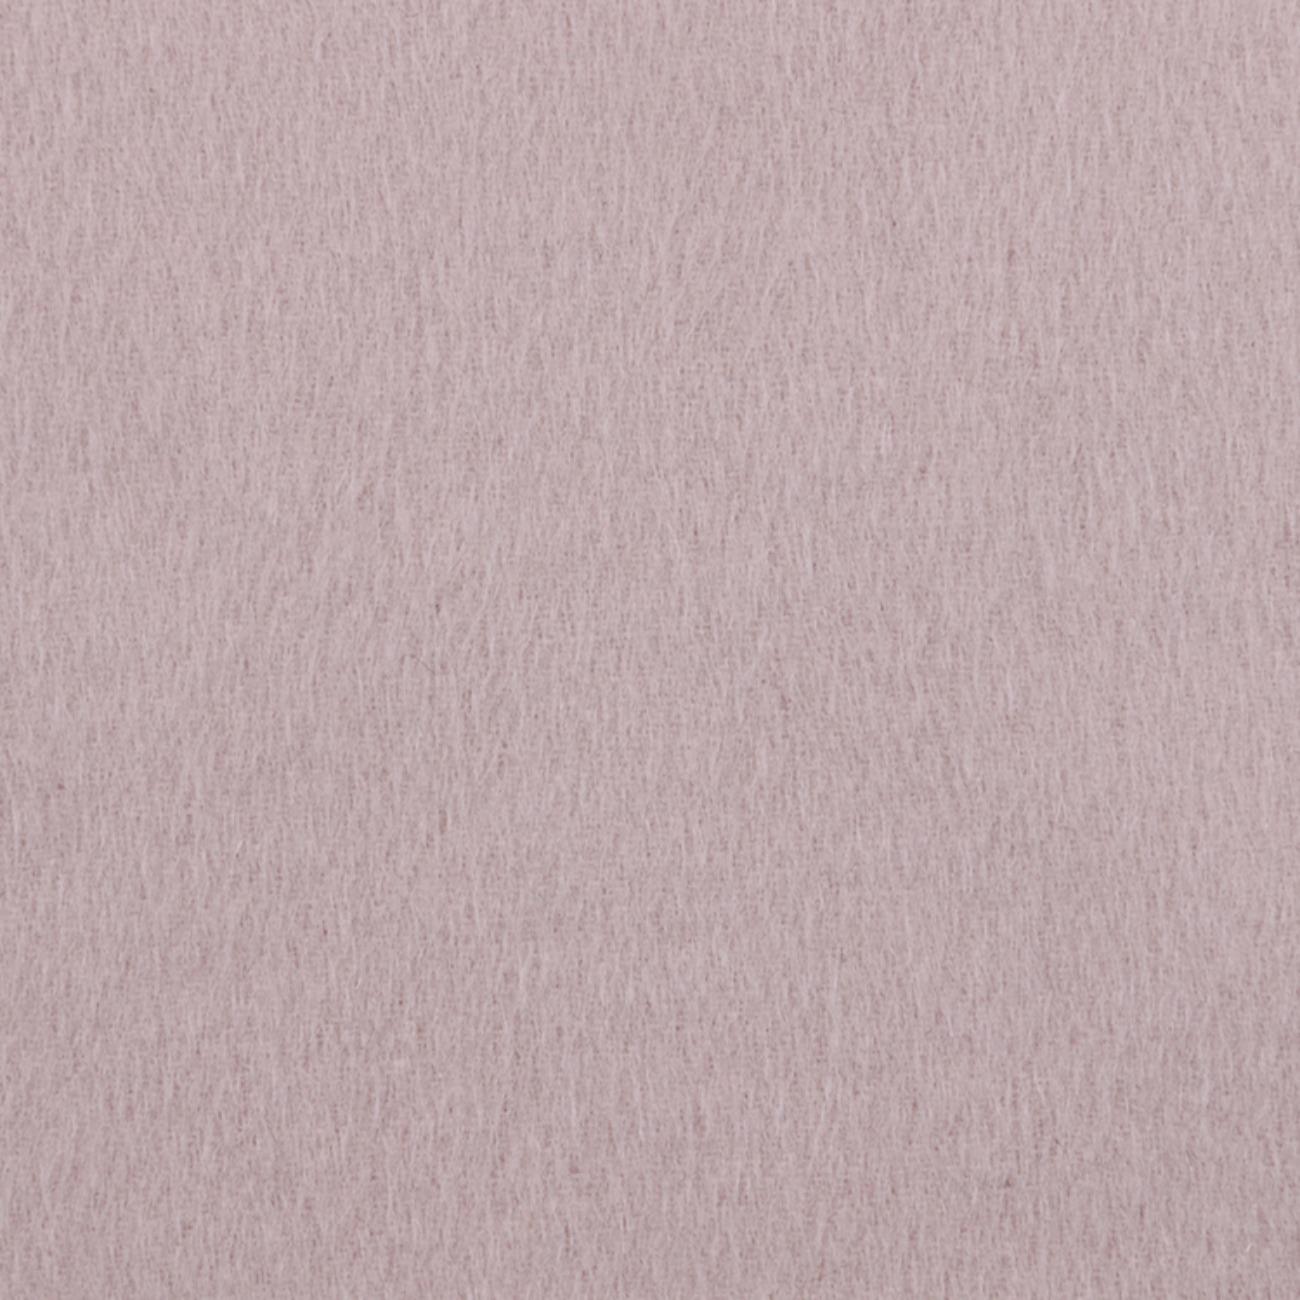 毛纺 素色 羊毛 染色 毛感  厚 大衣 冬季  女装 71122-76